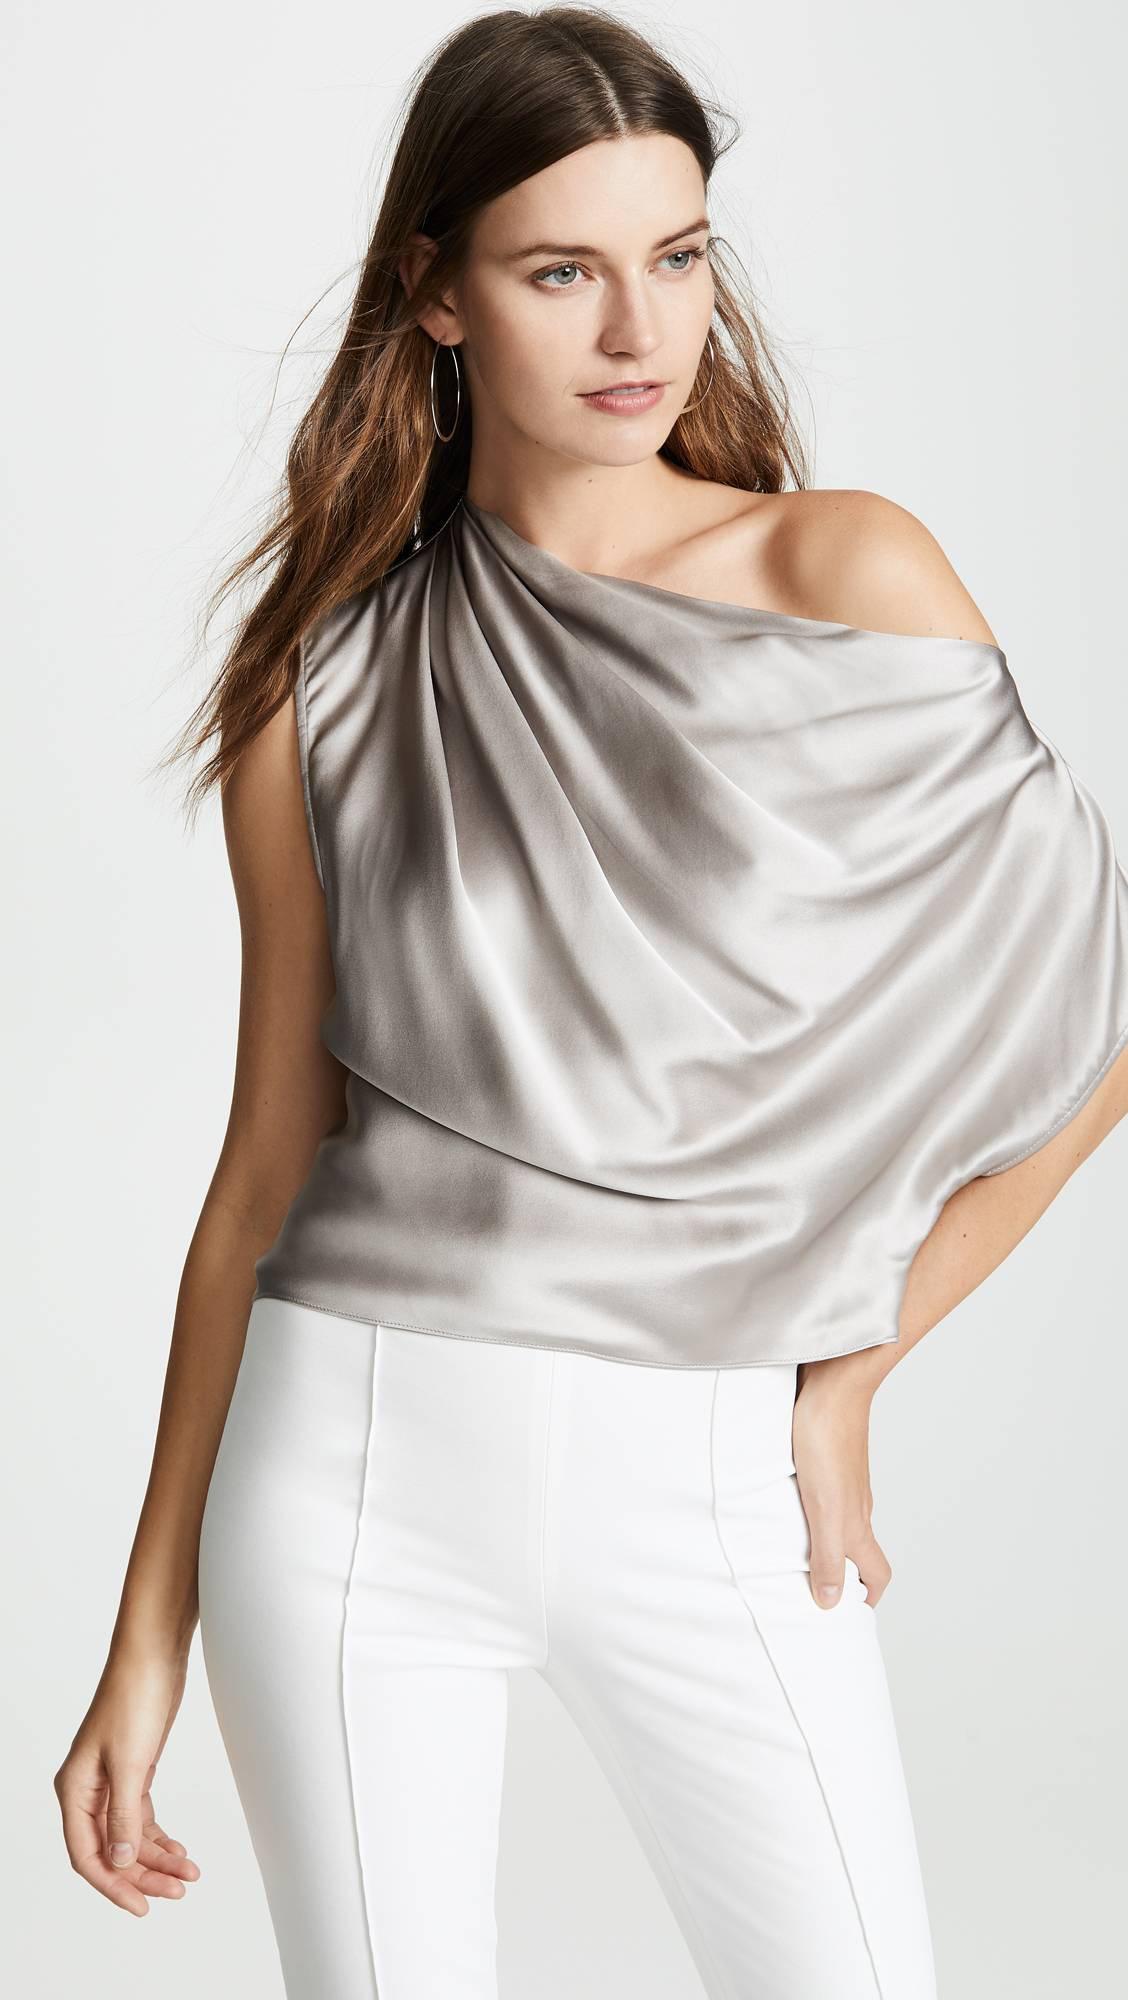 6 kiểu kết hợp màu sắc trang phục với trang sức vàng không thể bỏ qua - Ảnh 4.